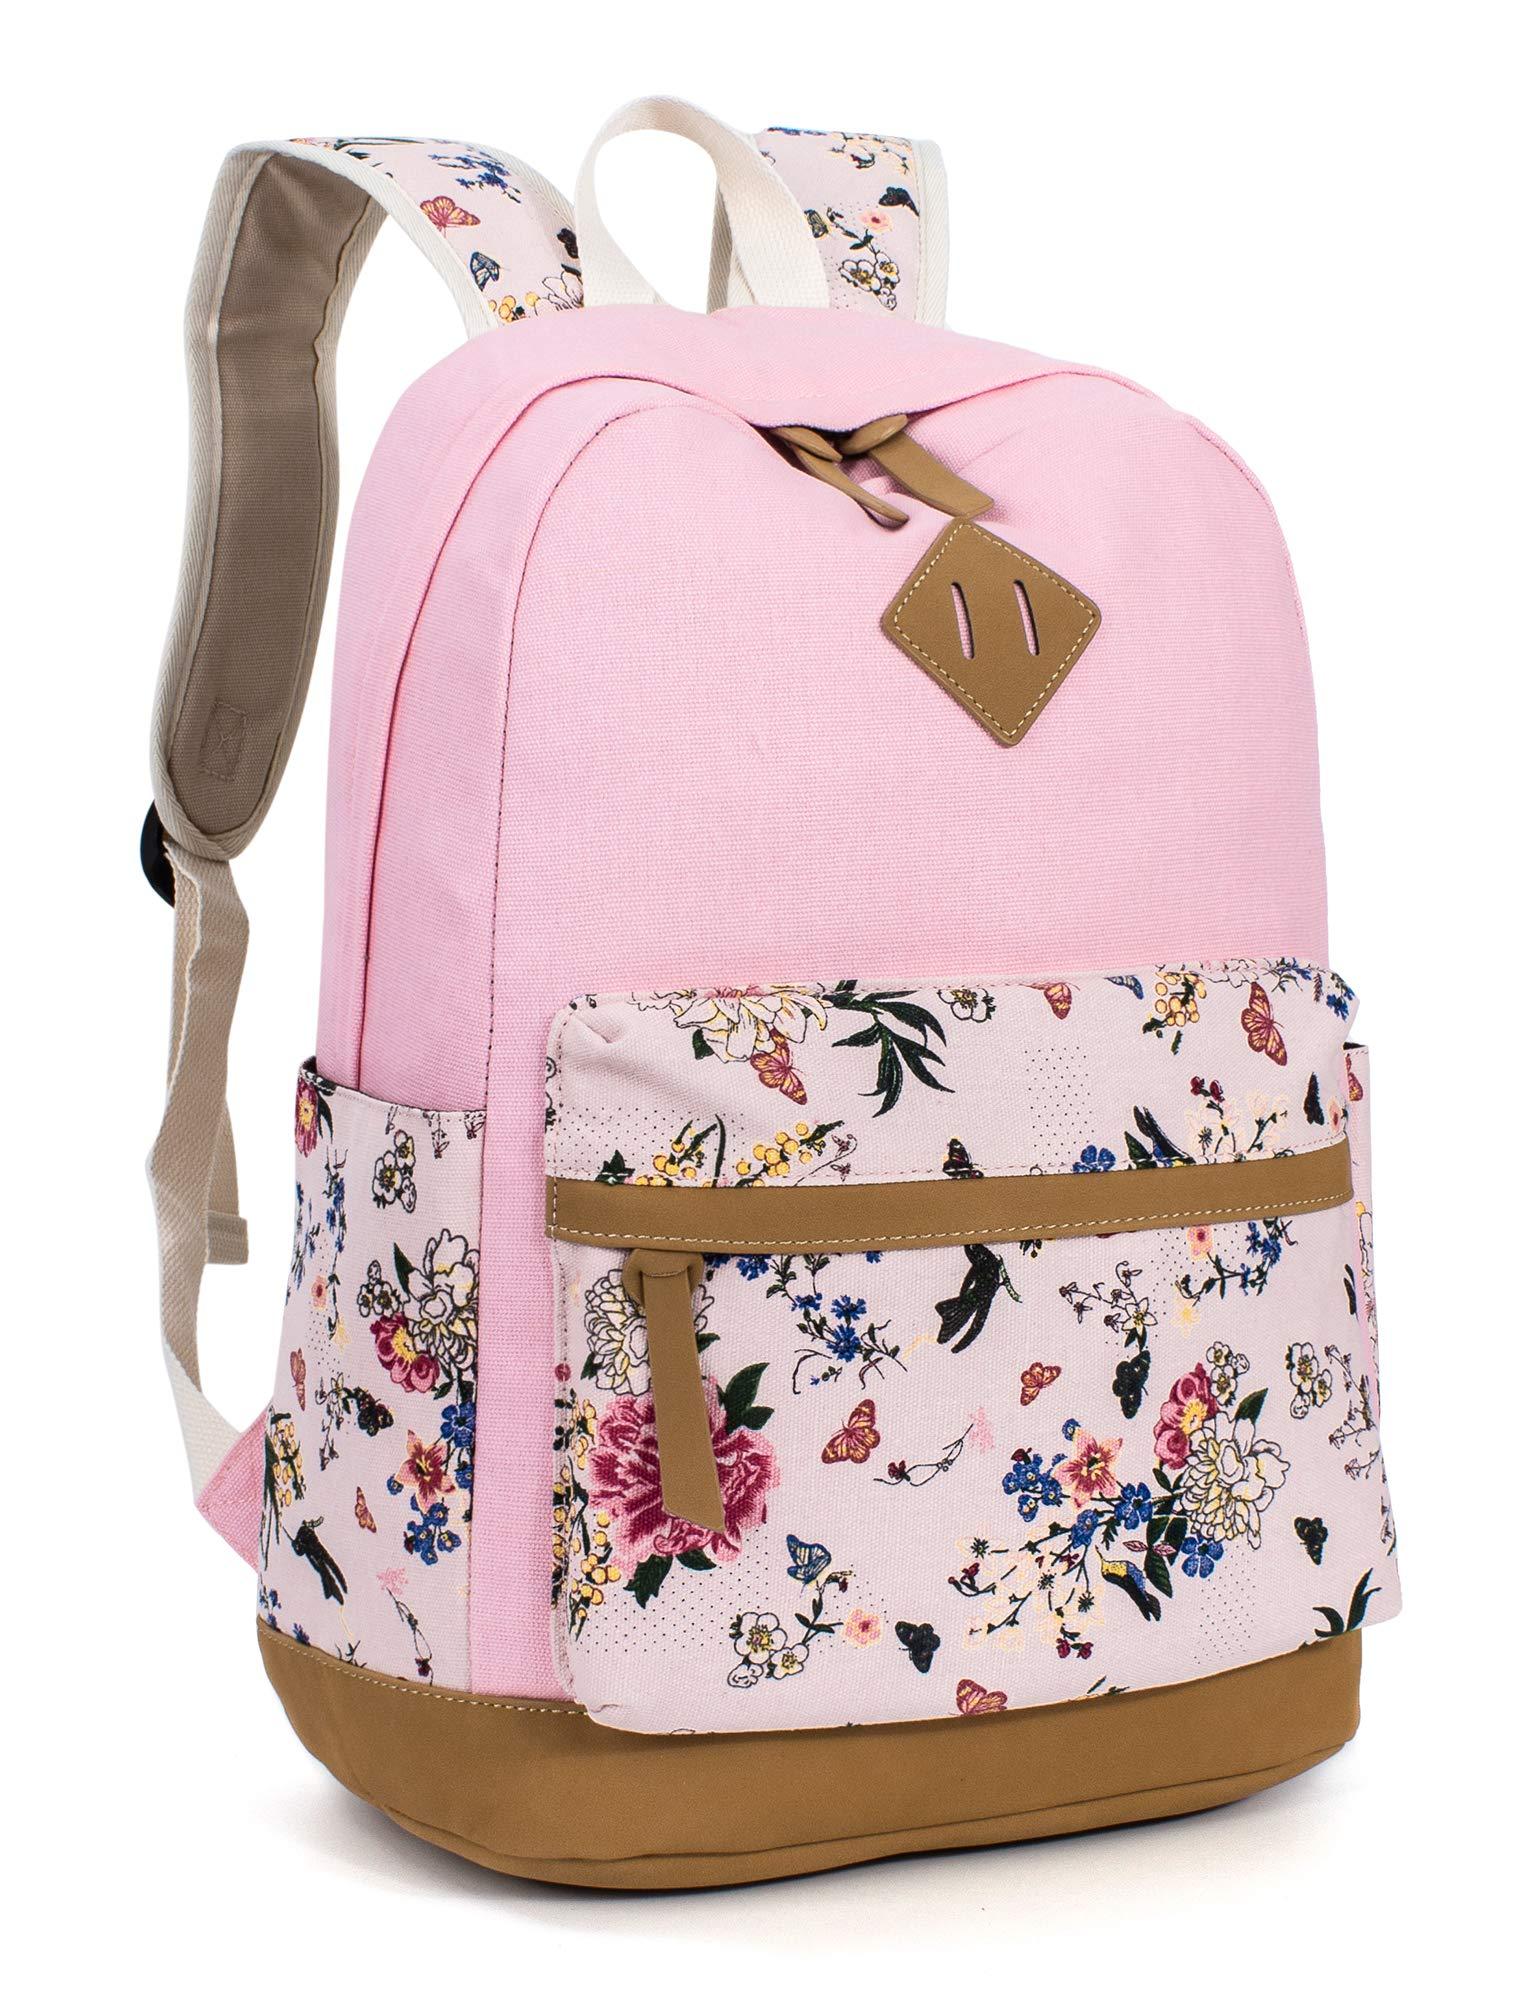 Leaper Floral School Backpack College Bookbag Shoulder Bag Satchel Daypack Pink by Leaper